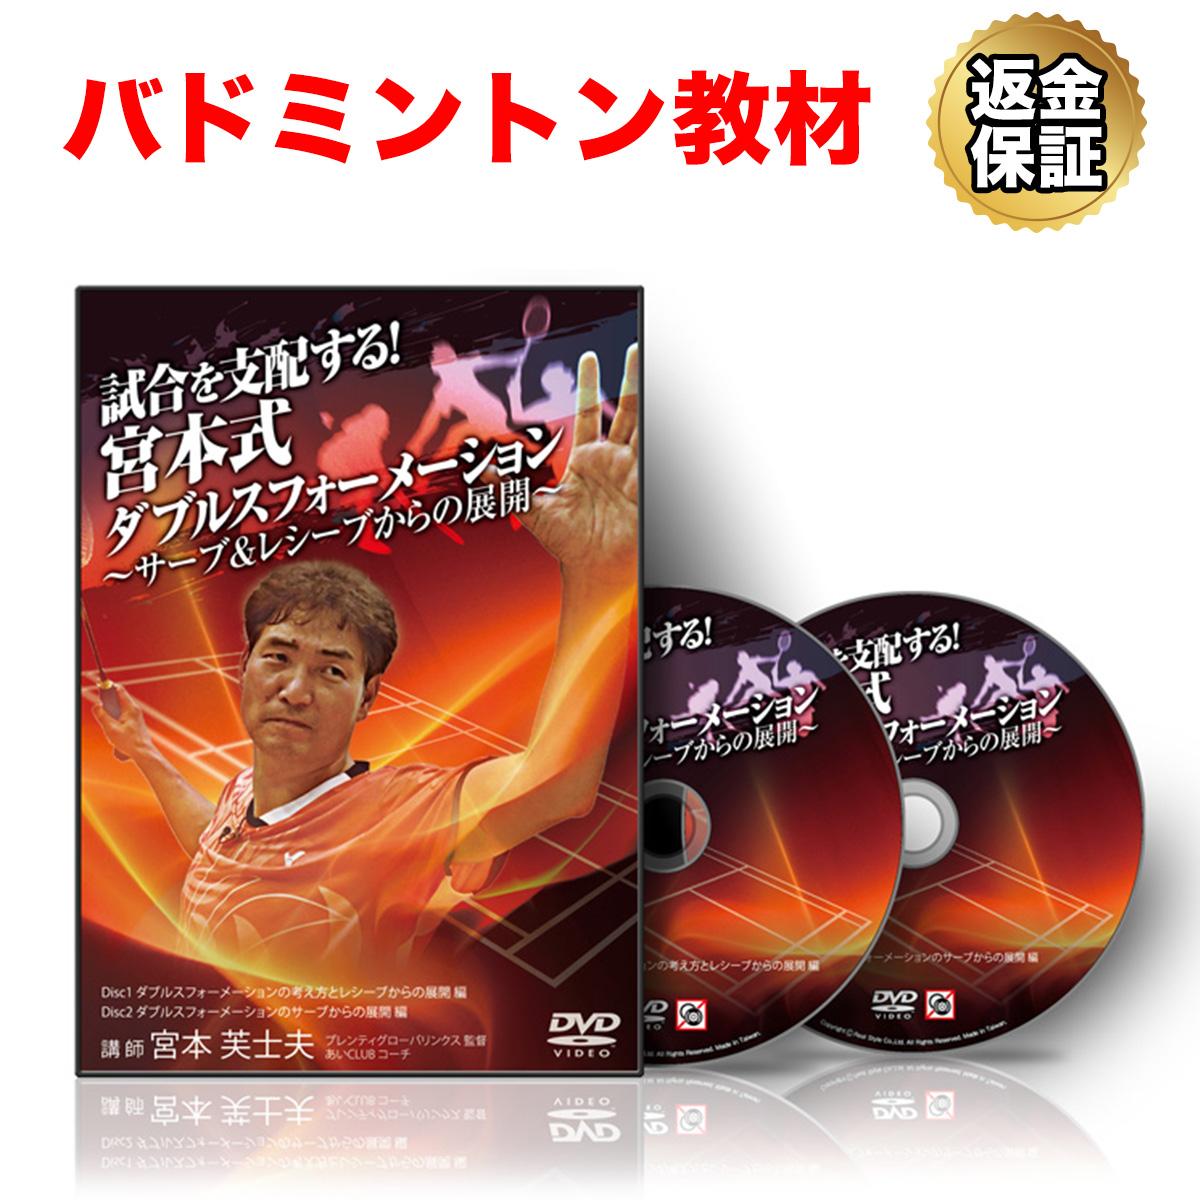 バドミントン 教材 DVD 試合を支配する!宮本式ダブルスフォーメーション ~サーブ&レシーブからの展開~